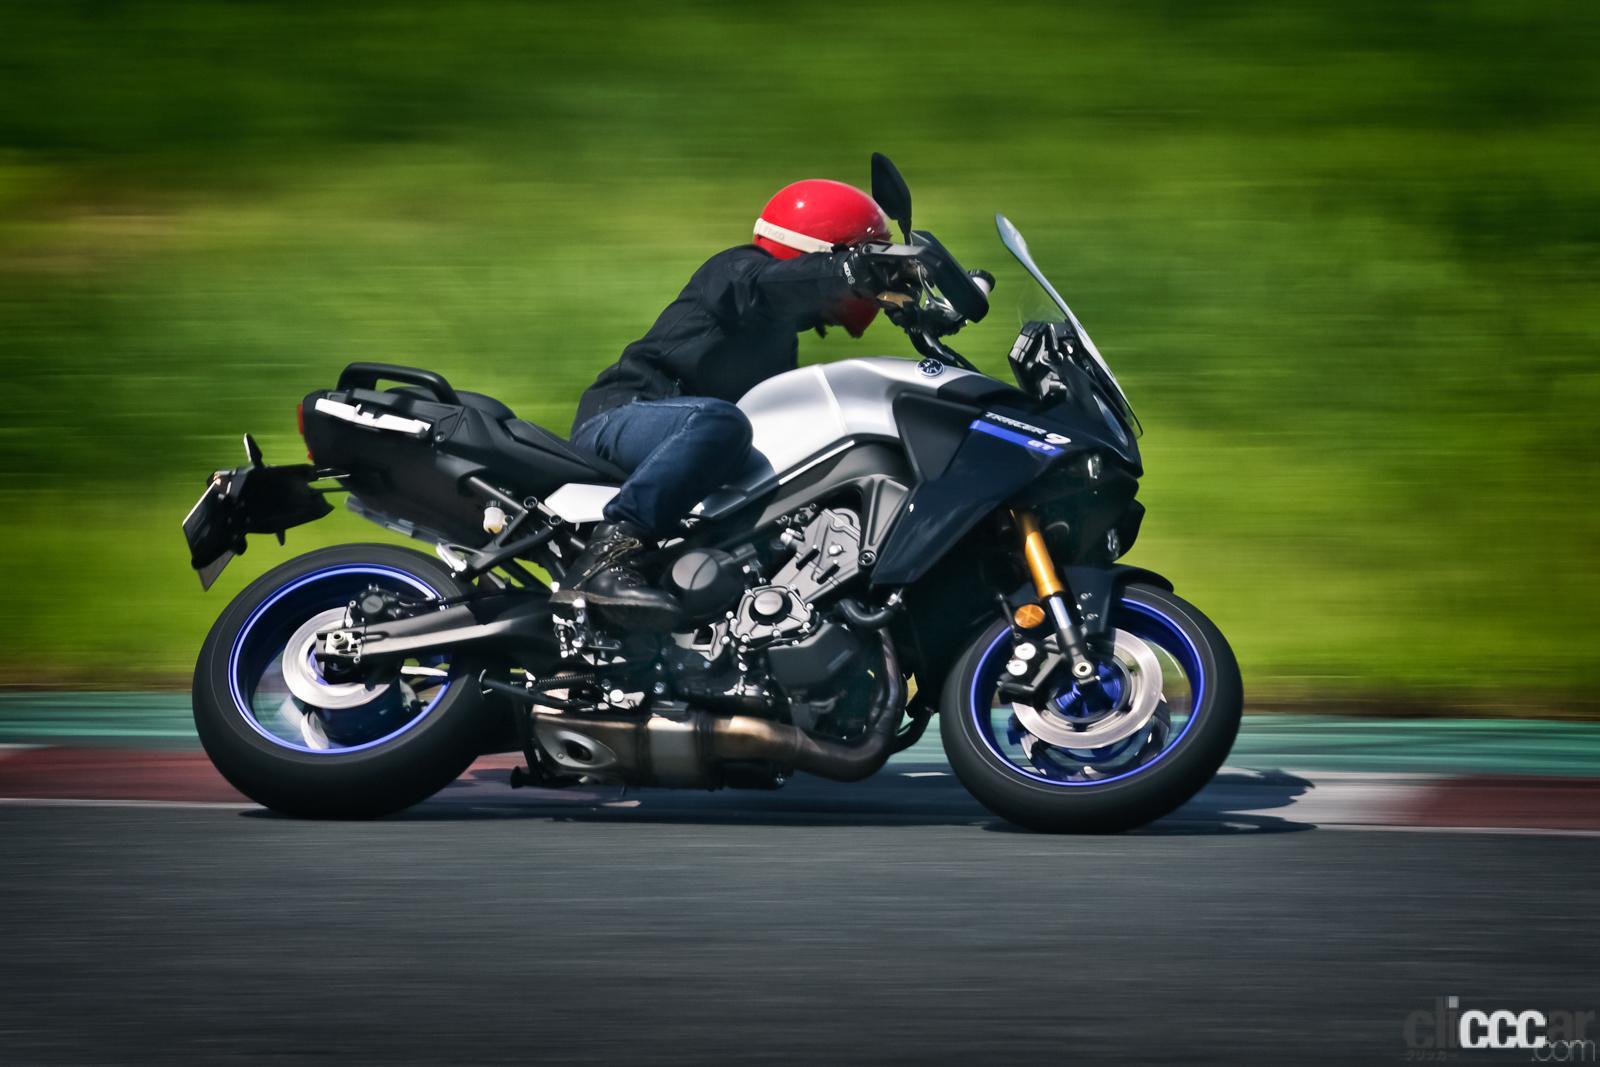 「何キロでも走れる超快適仕様! ヤマハTRACER9 GT ABSは電子制御の恩恵をフルに体感できる高性能スポーツツアラー」の4枚目の画像